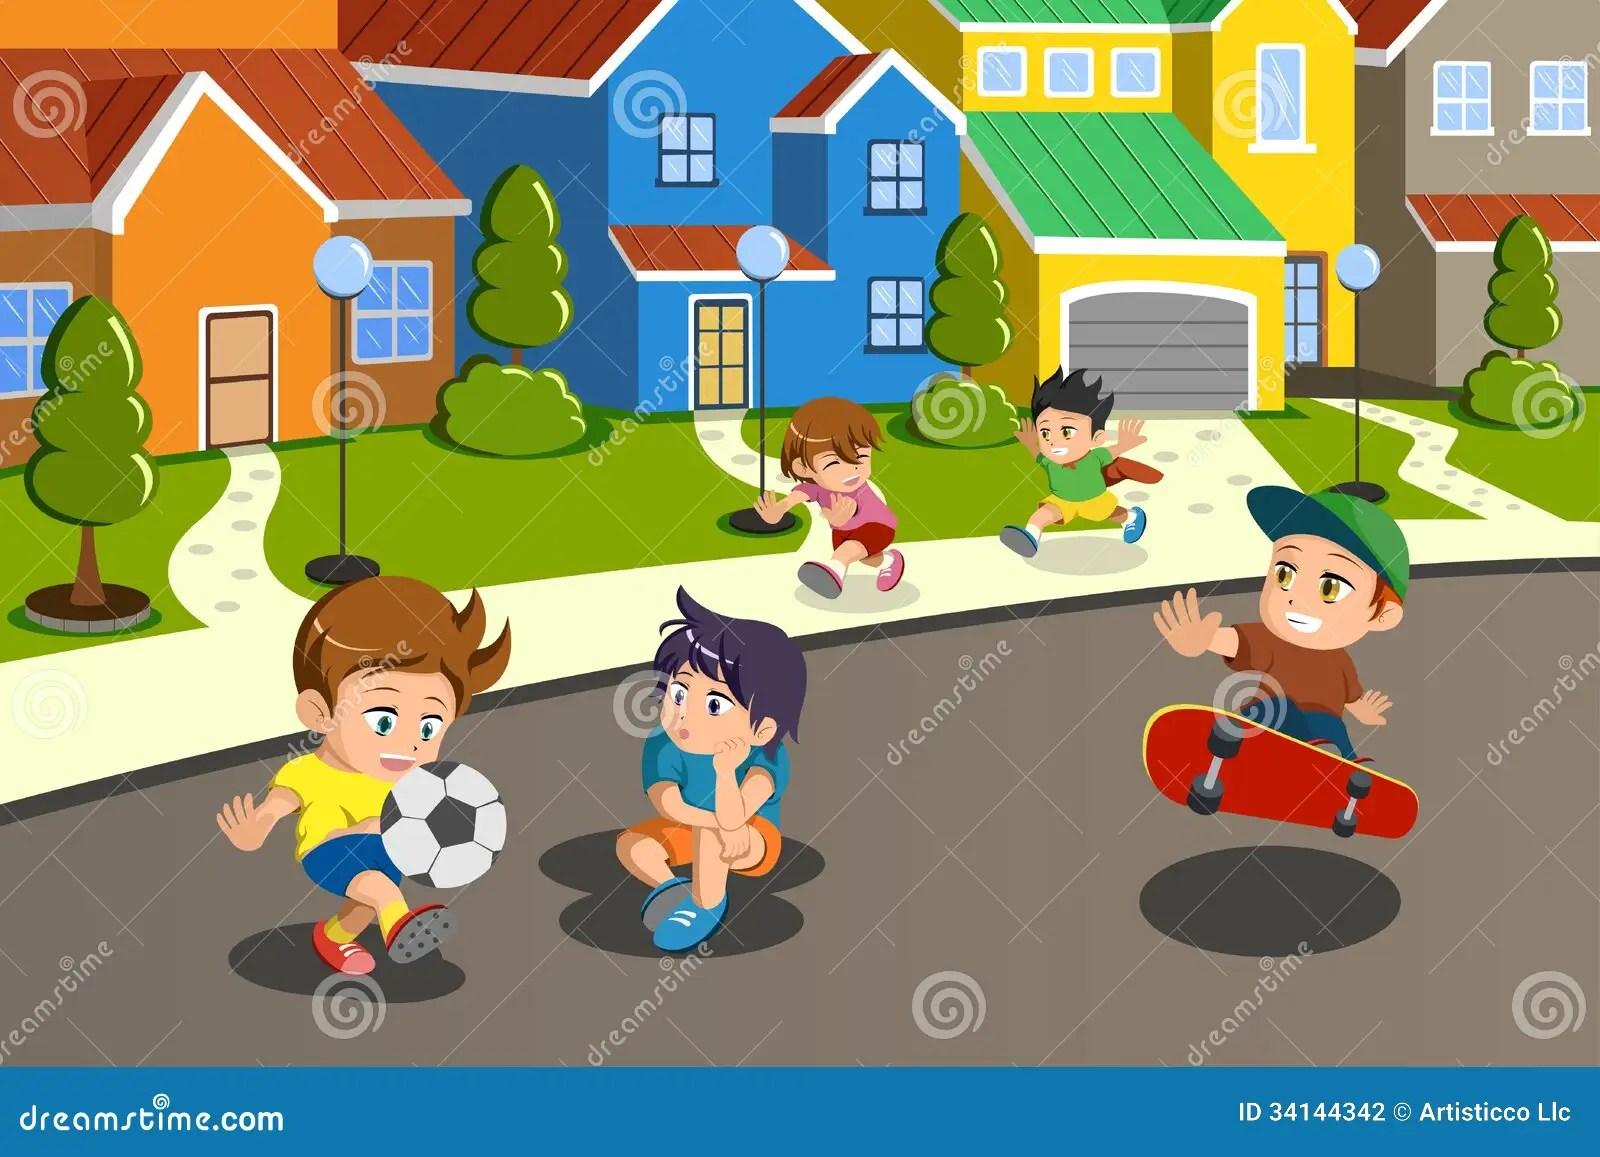 Kinder In Der Stra E Einer Vorstadtnachbarschaft